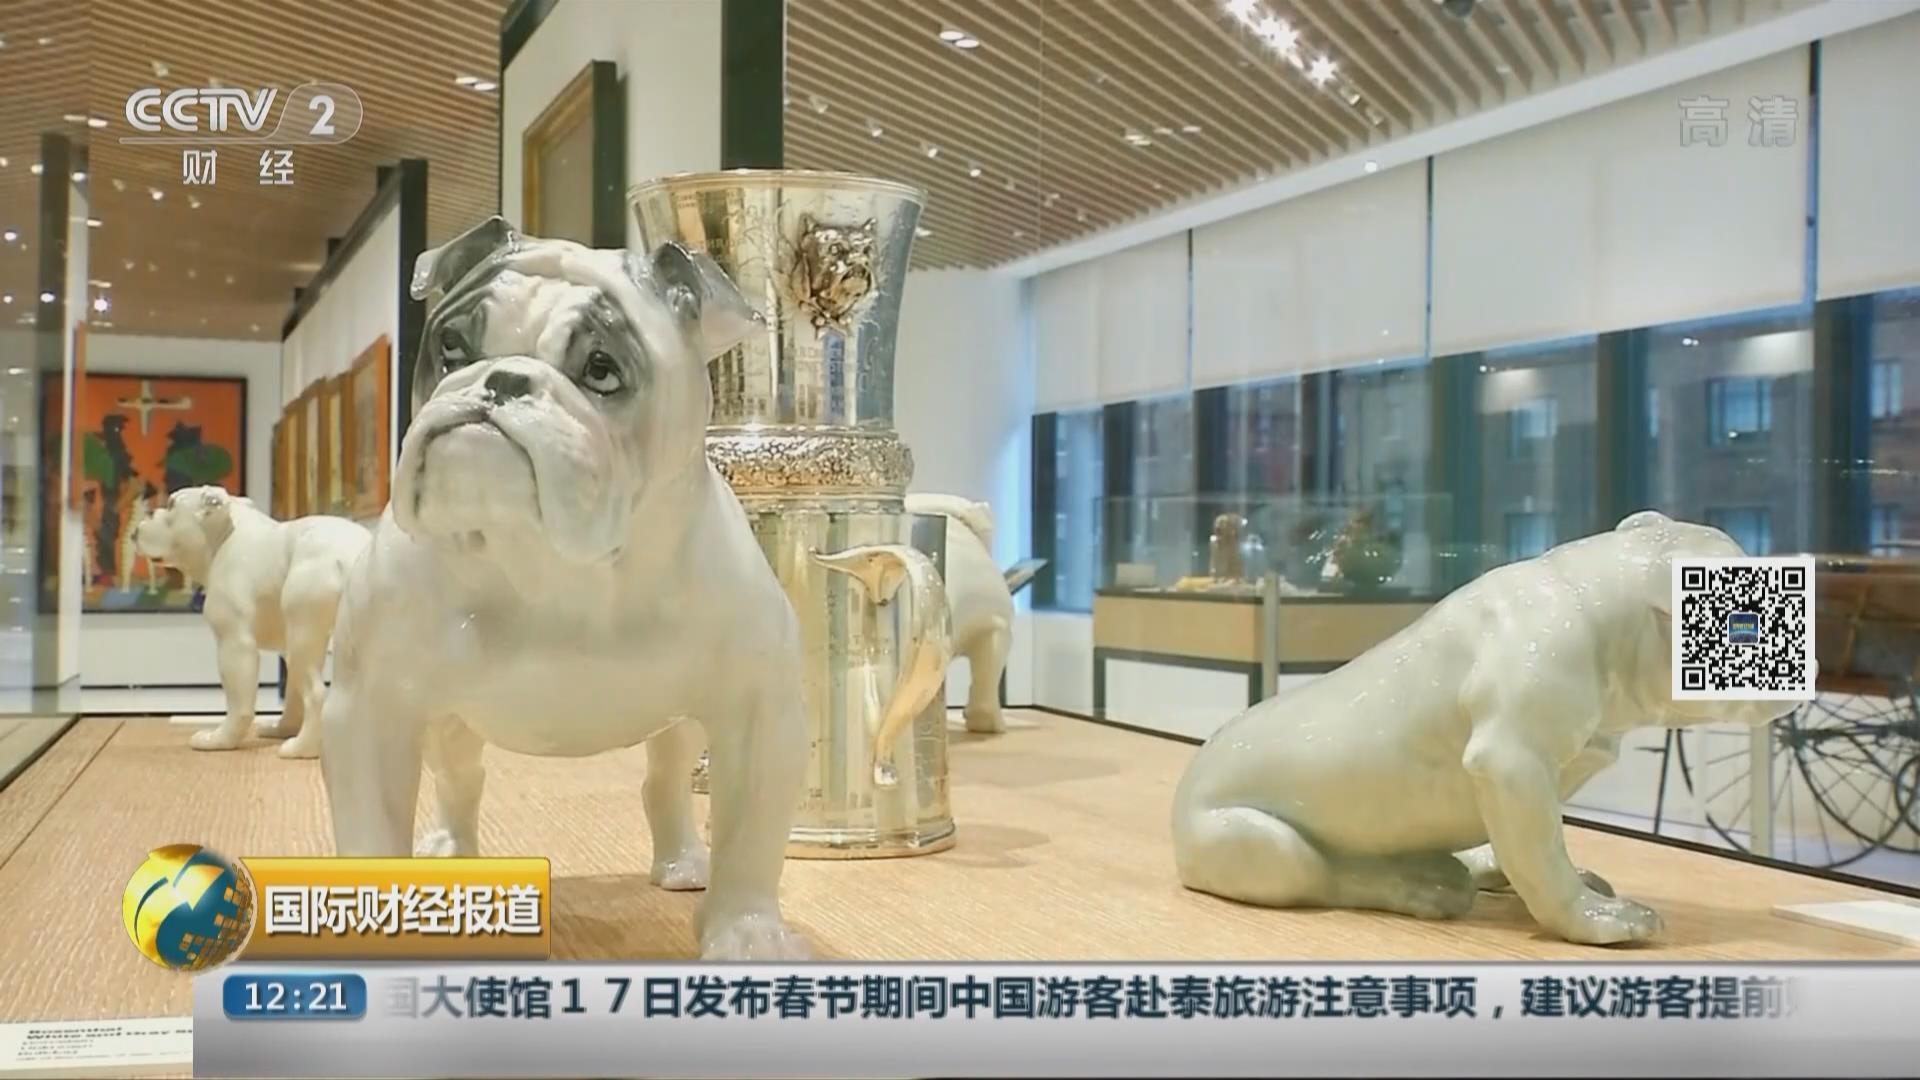 美國:AKC狗狗博物館將在紐約開放